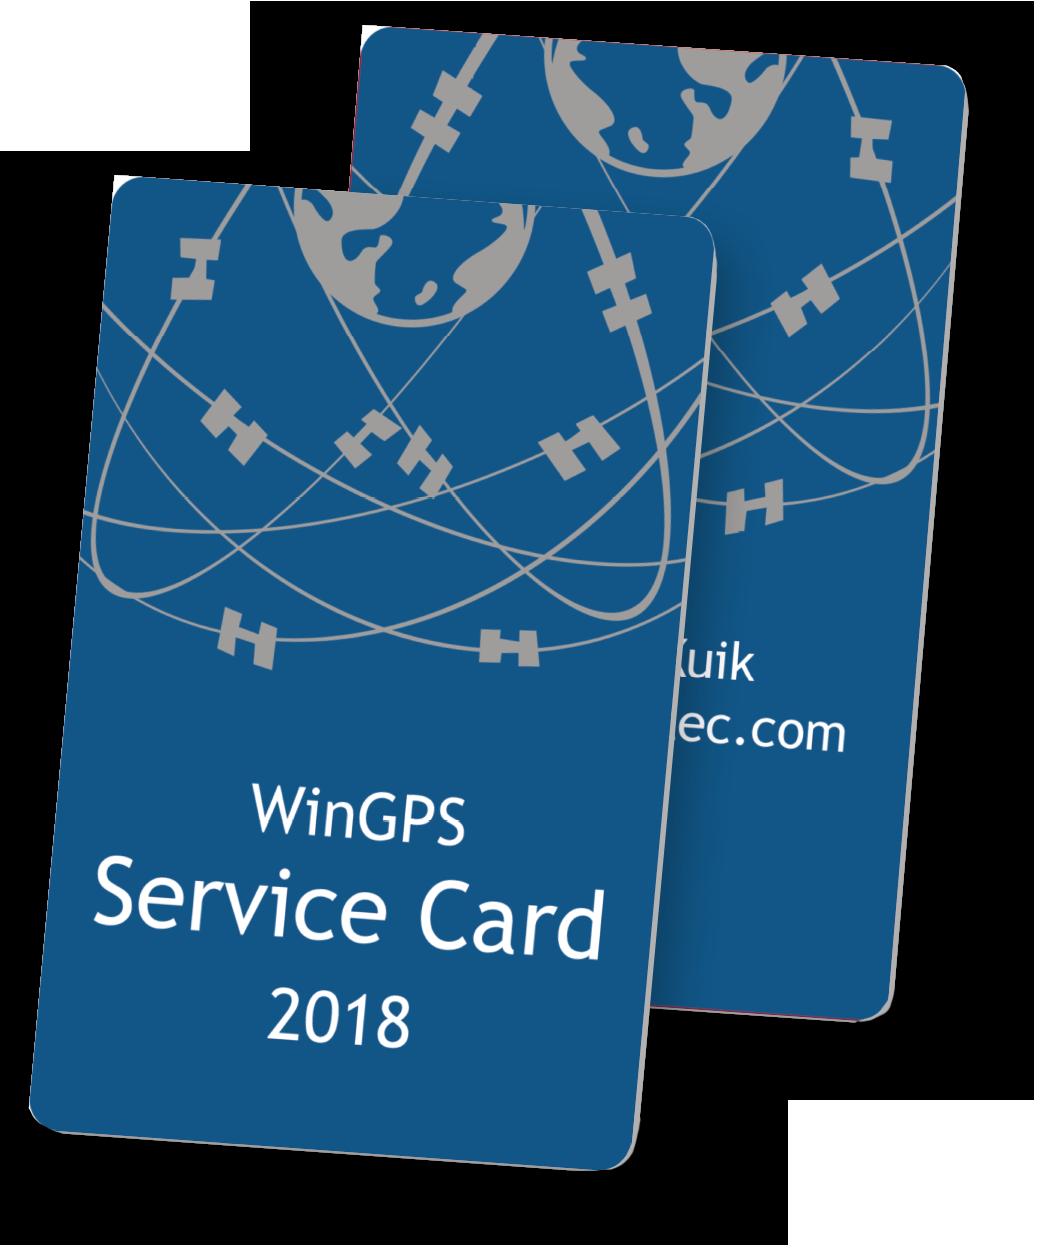 WinGPS Service Card 2018